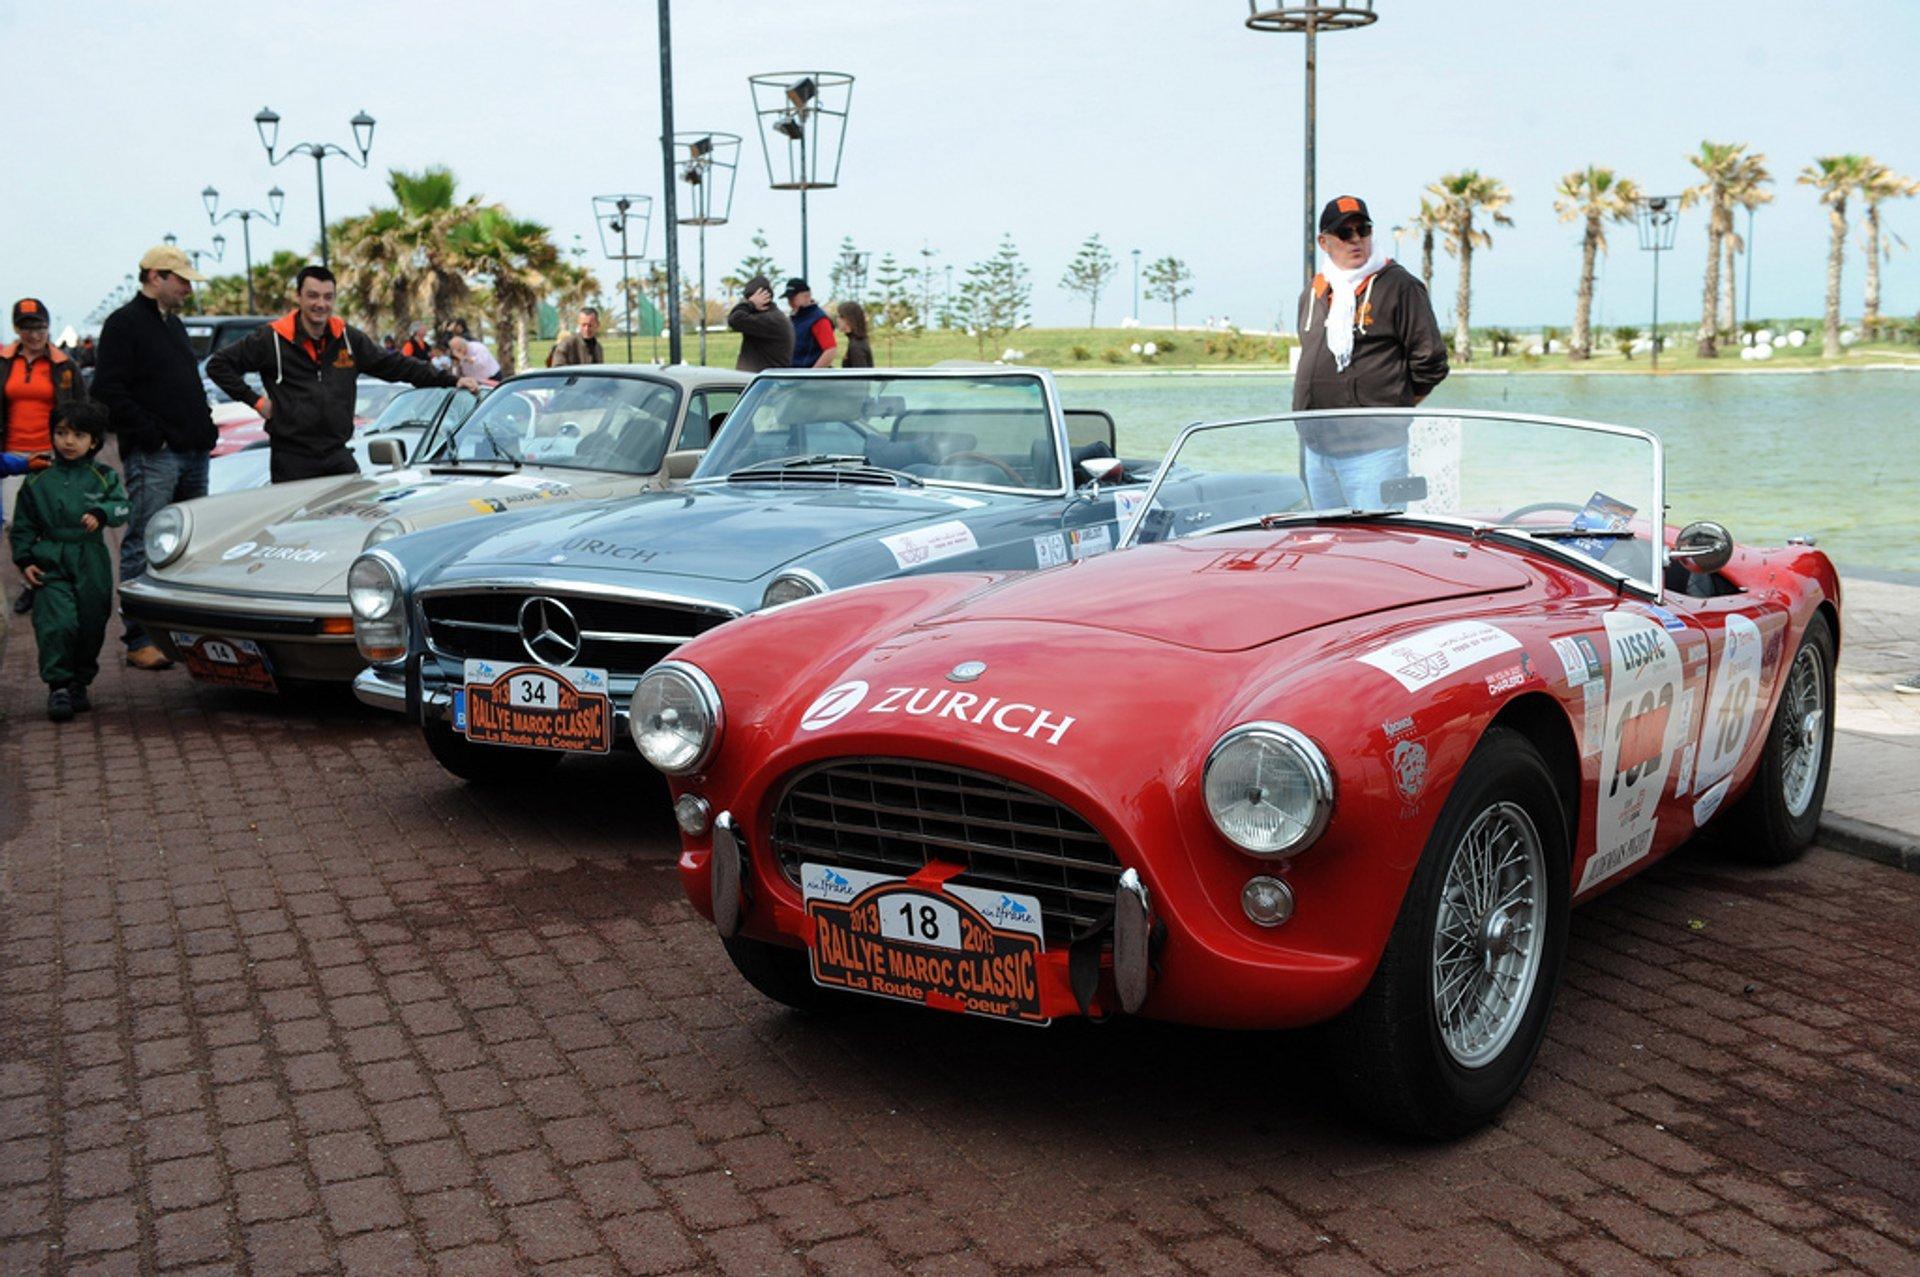 Rallye Maroc Classic–La Route du Coeur in Morocco - Best Season